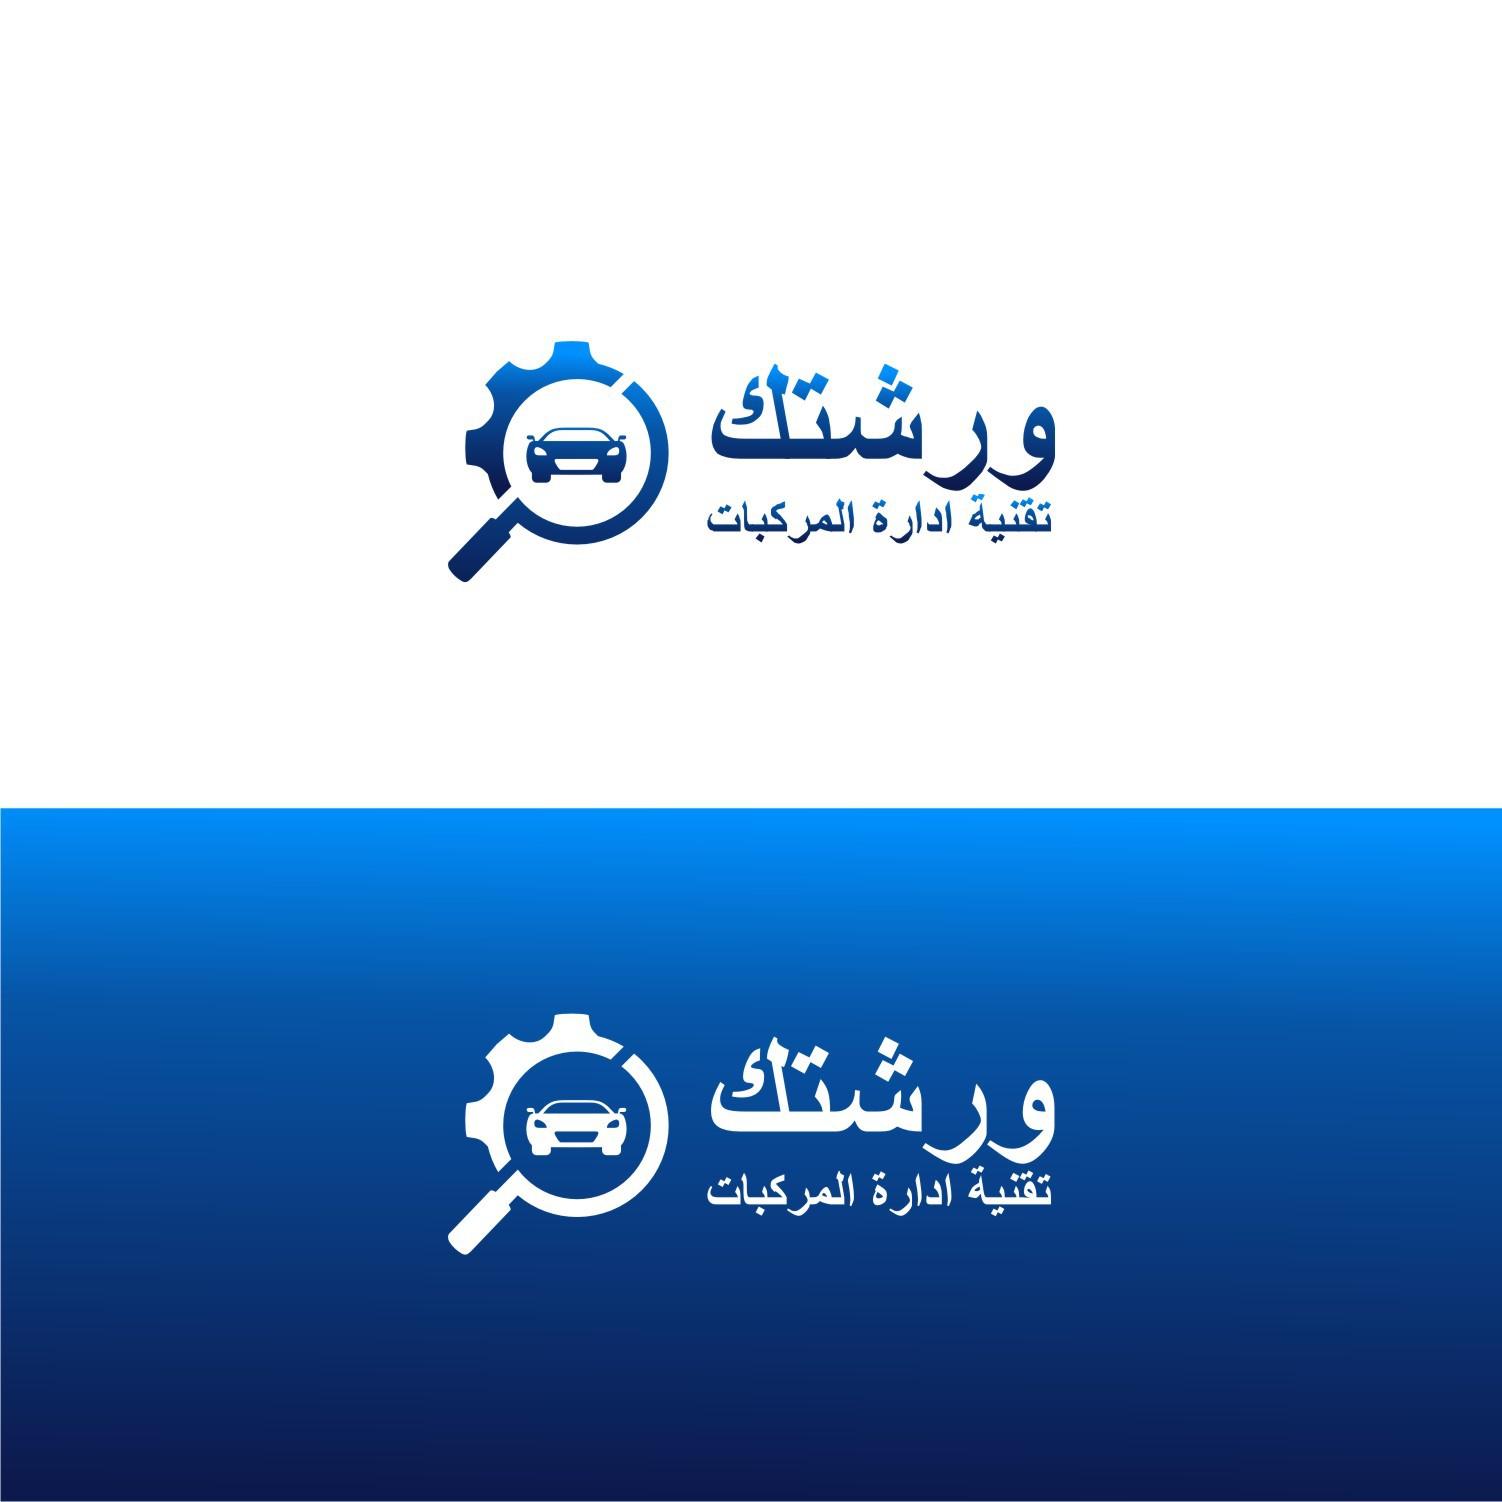 A simplistic and descriptive logo for our automotive management technology mobile app.